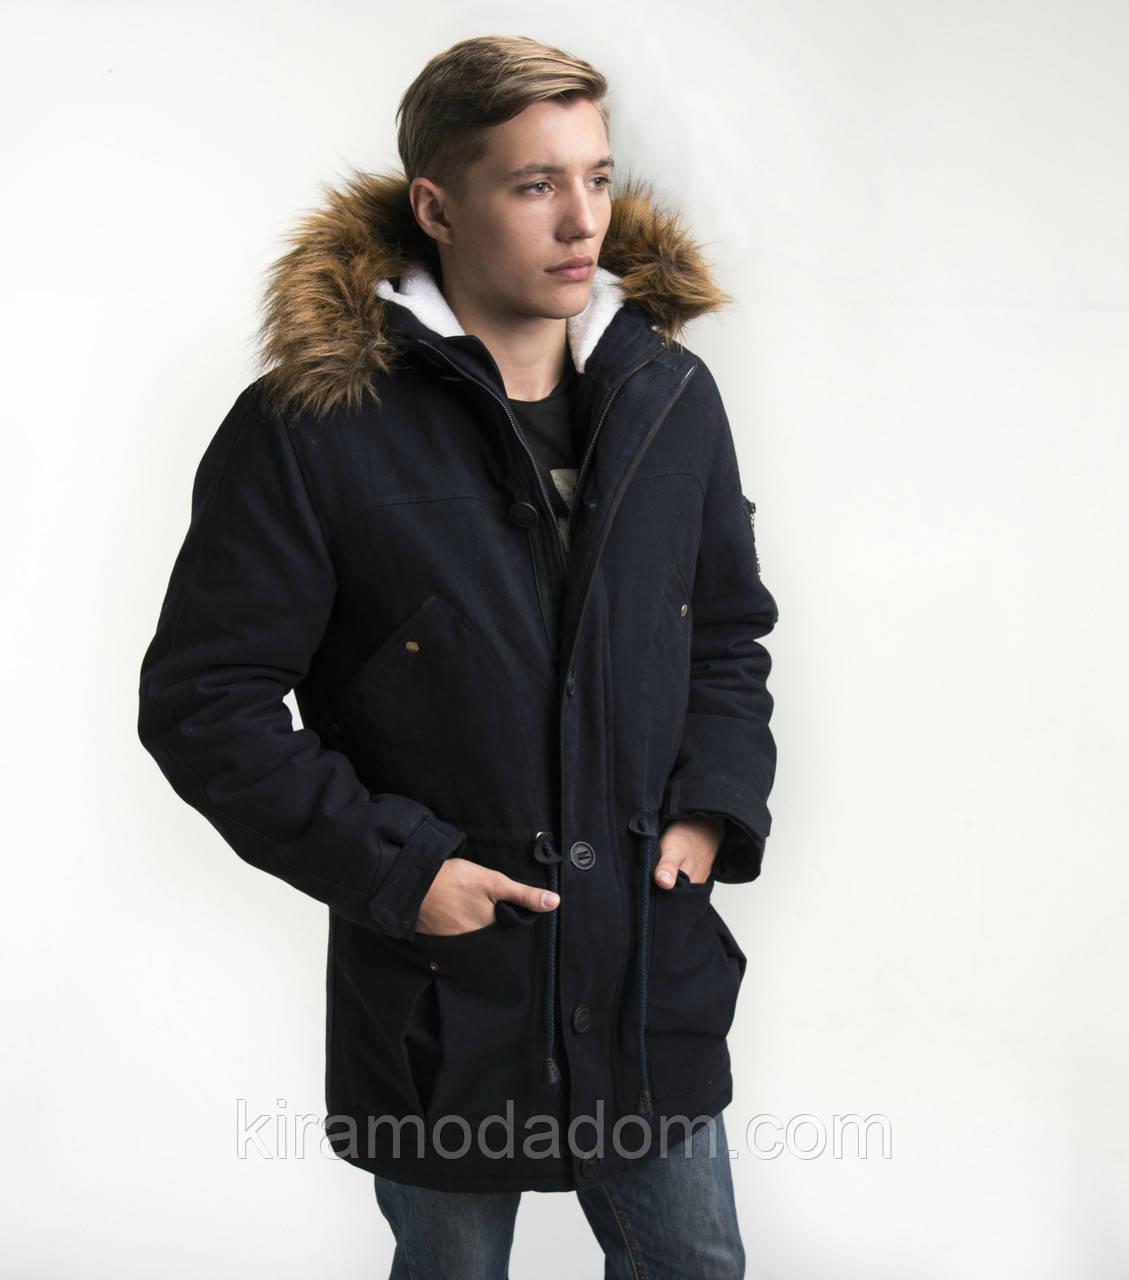 9fe018f7 Мужская зимняя куртка парка молодежная коттон Украина 55 - Модный дом  одежды Кира в Харькове